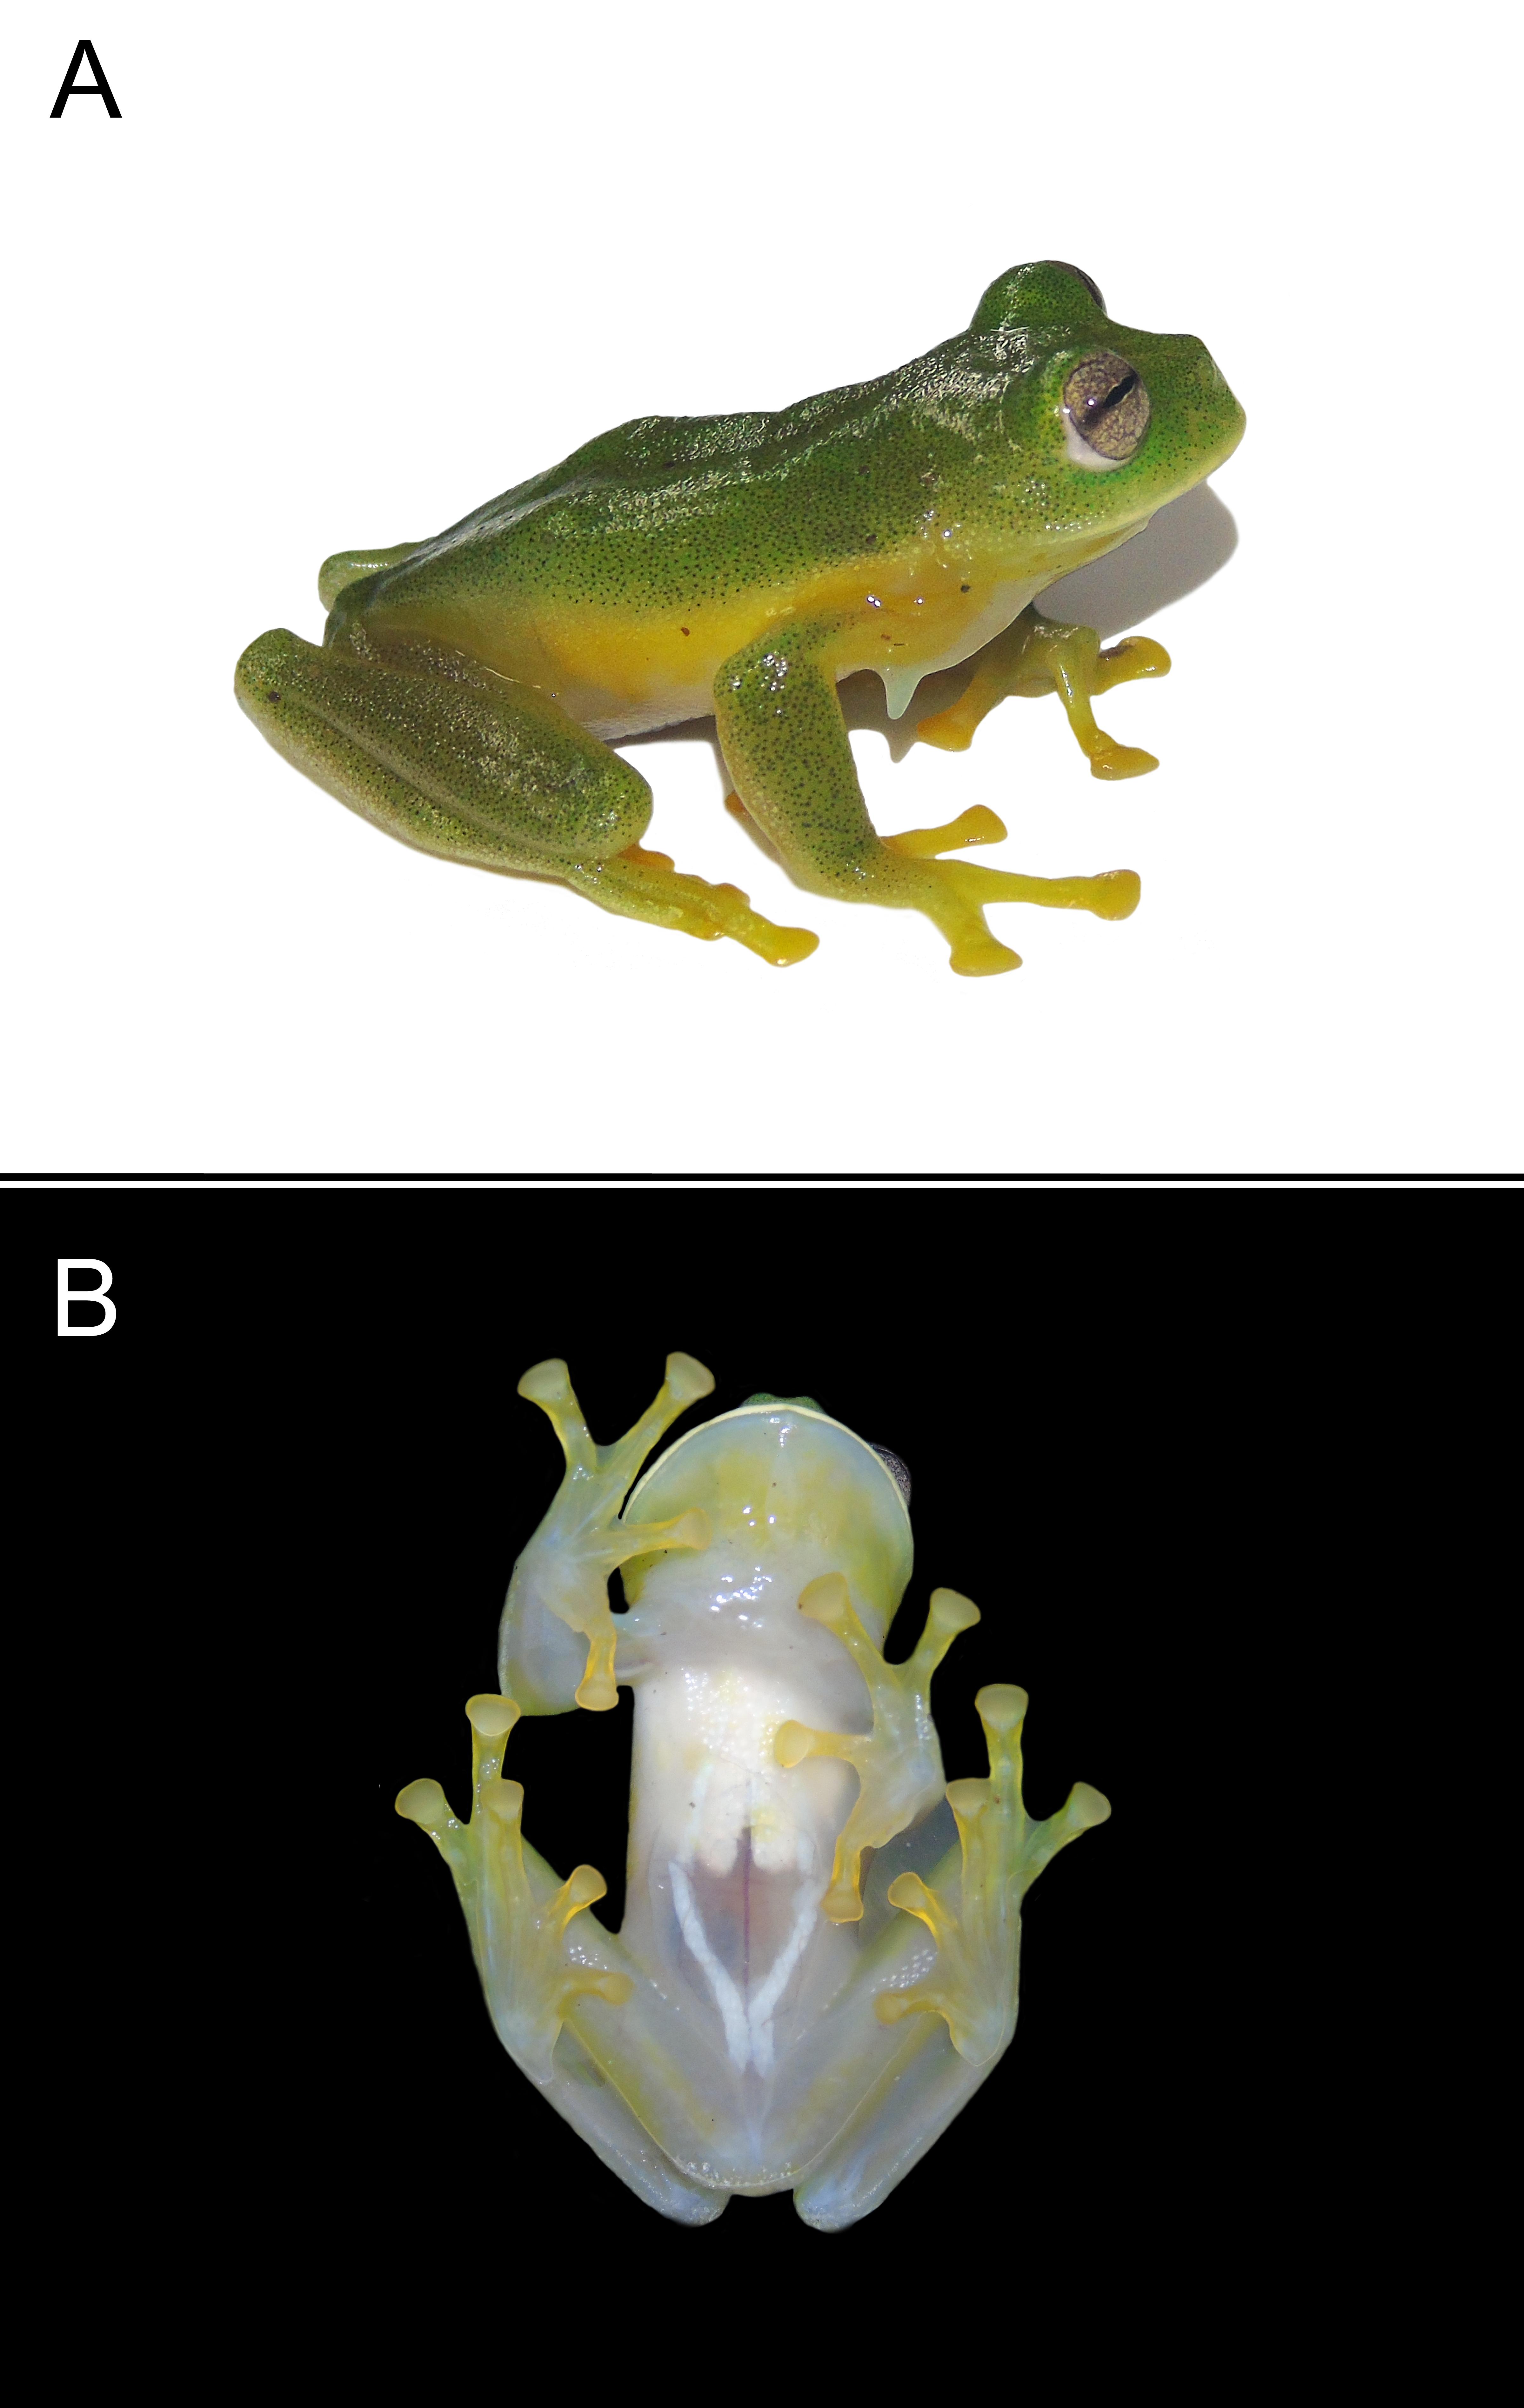 La rana gigante de cristal de la Guajira, asi como otras ranas de cristal, tienen piel transparente, por eso su nombre. Pero a diferencia de las demas ranas de cristal, esta especie y su gemela la rana gigante de cristal de Magdalena tienen huesos blancos en vez de verdes. Foto por PLOS ONE.